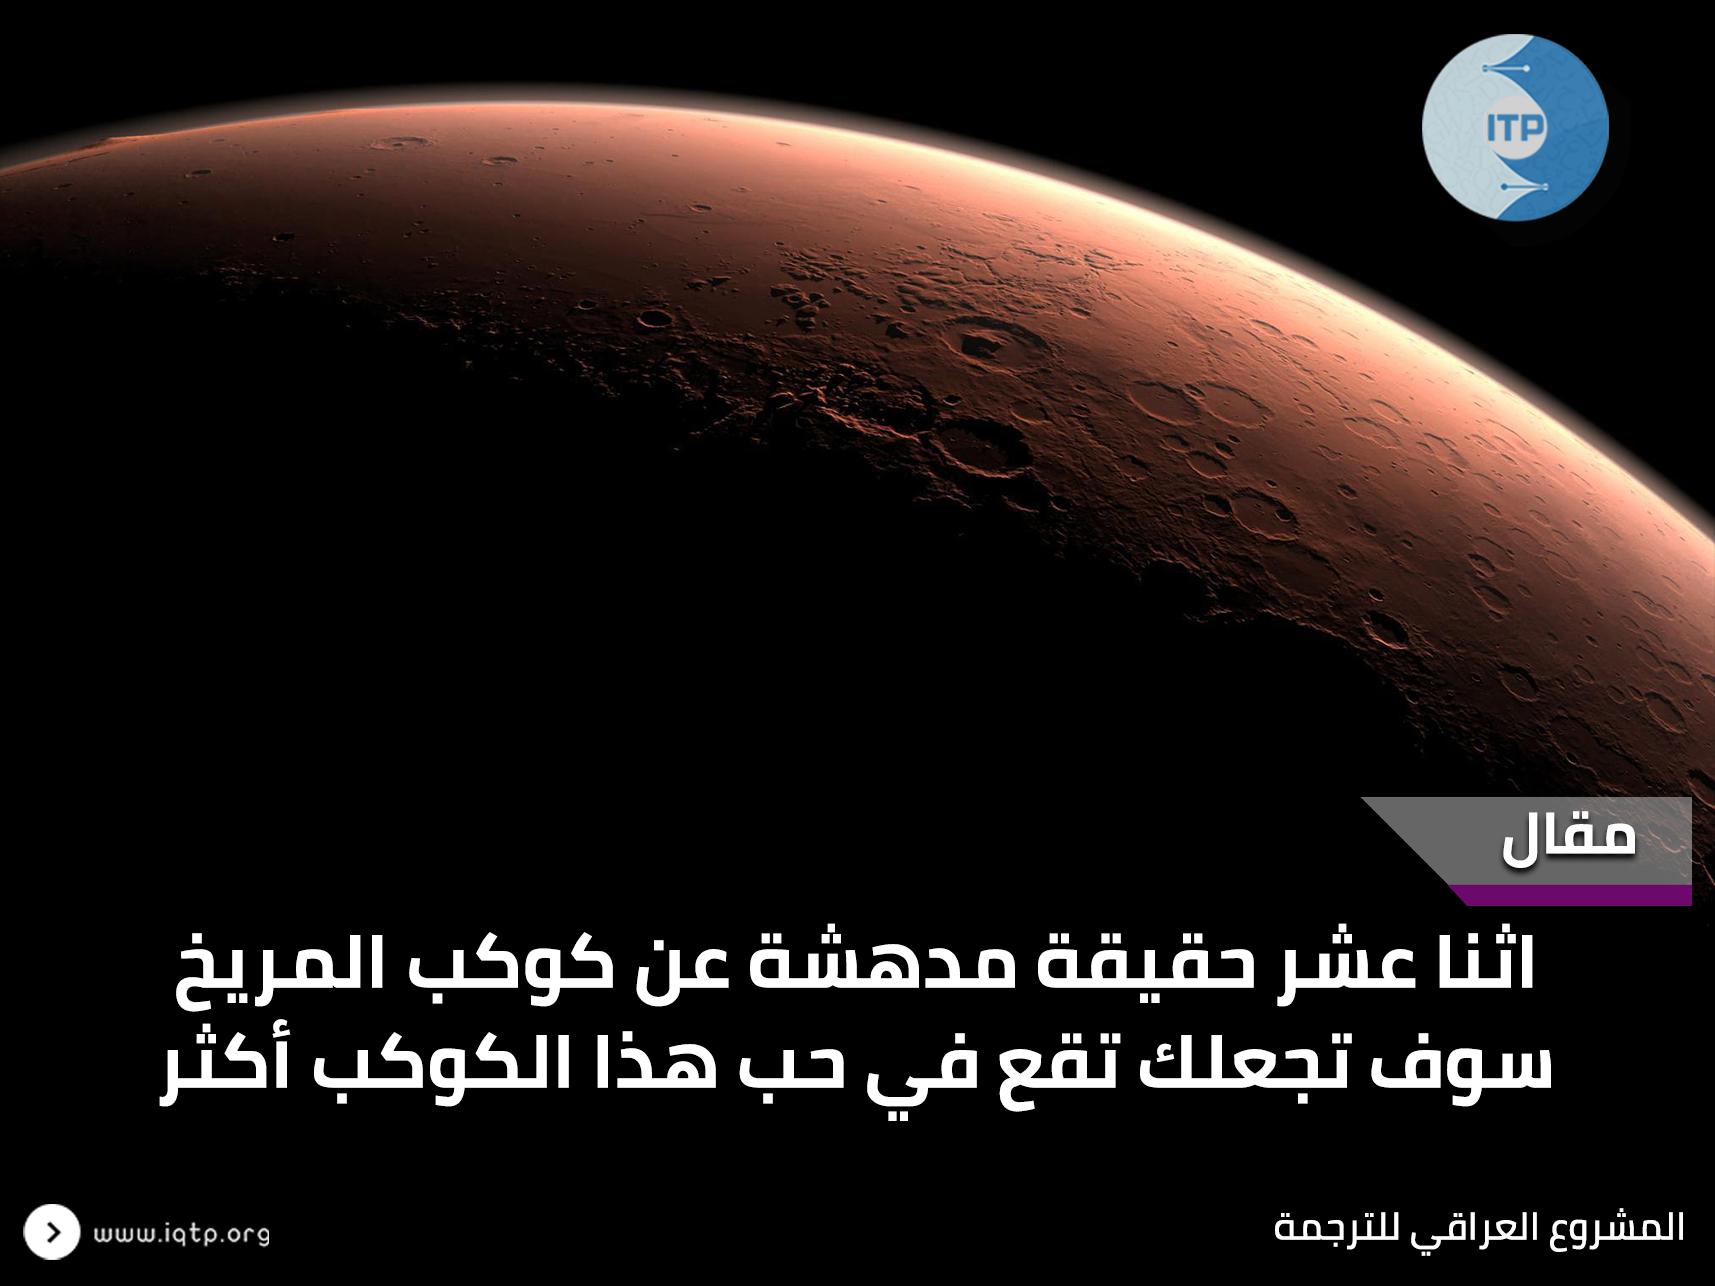 اثنا عشر حقيقة مدهشة عن كوكب المريخ سوف تجعلك تقع في حب هذا الكوكب أكثر .